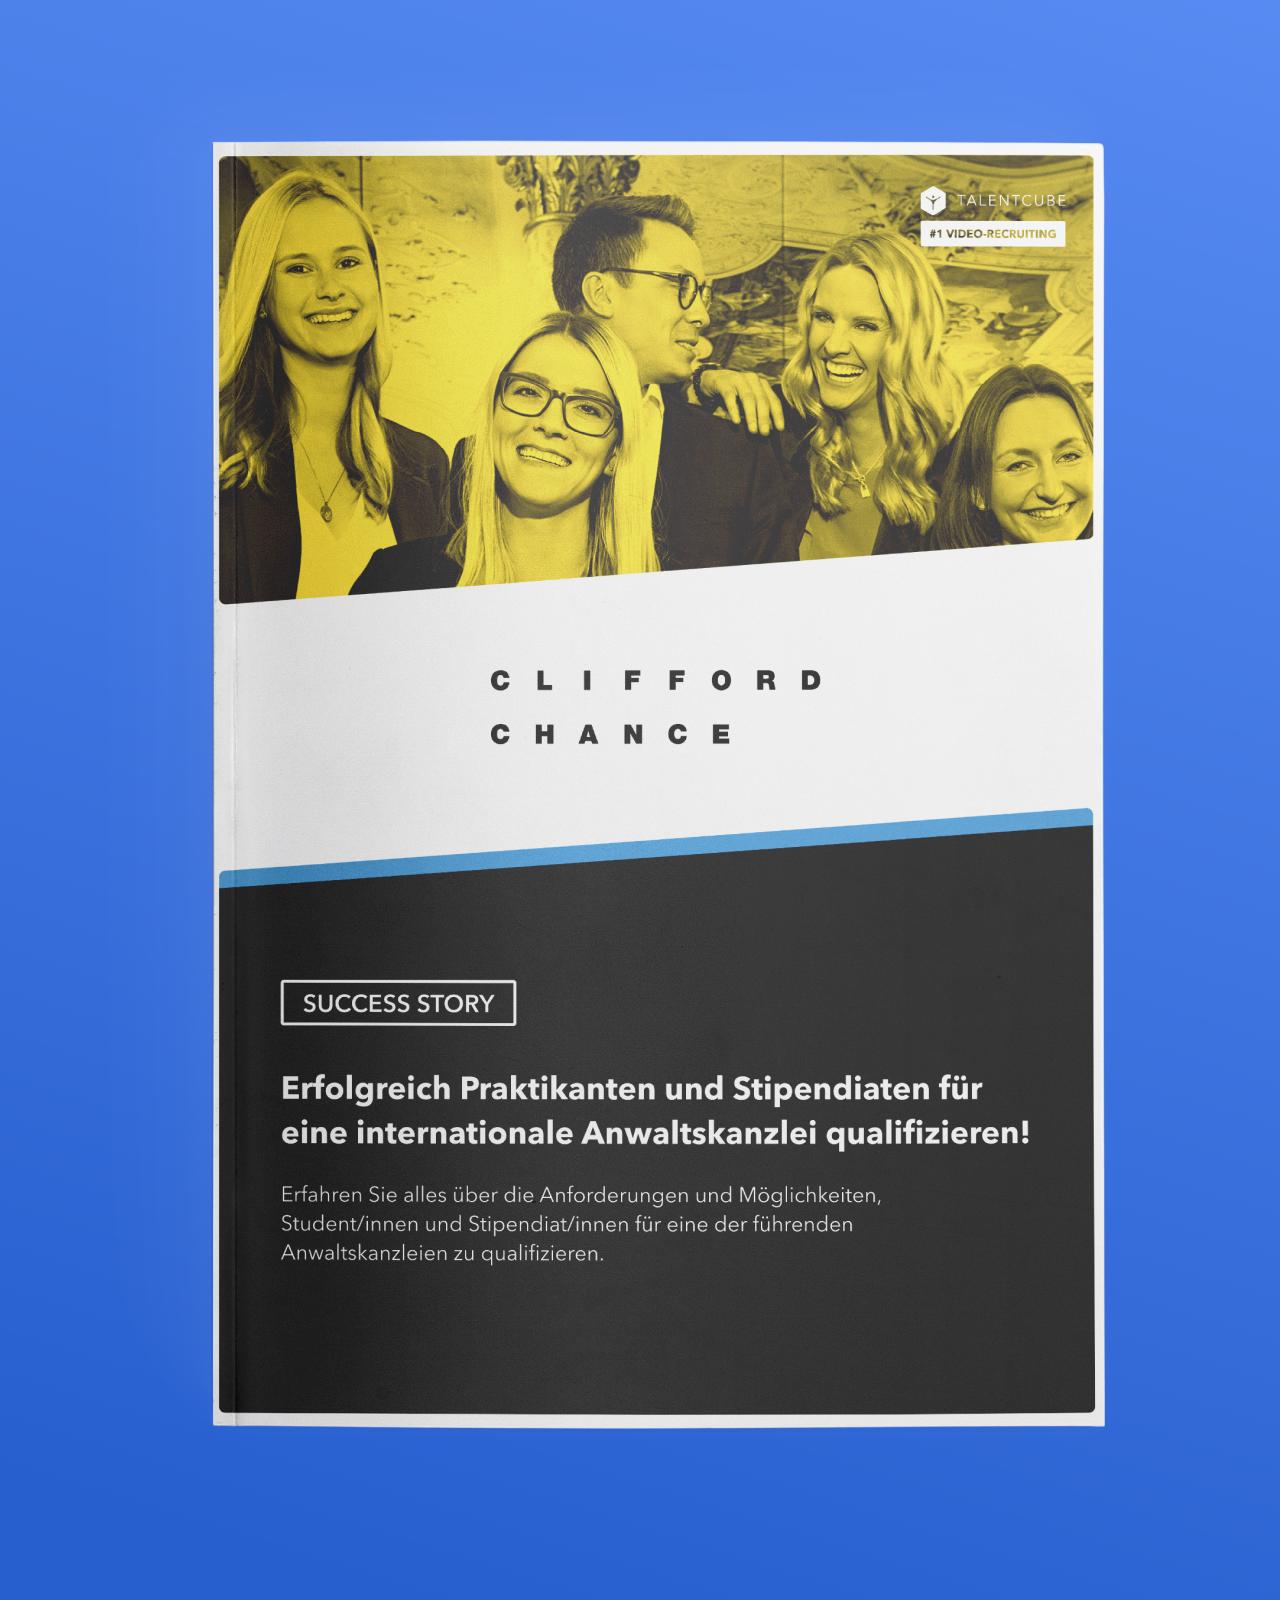 Clifford Chance – Erfolgreich Praktikanten und Stipendiaten für eine internationale Anwaltskanzlei qualifizieren!